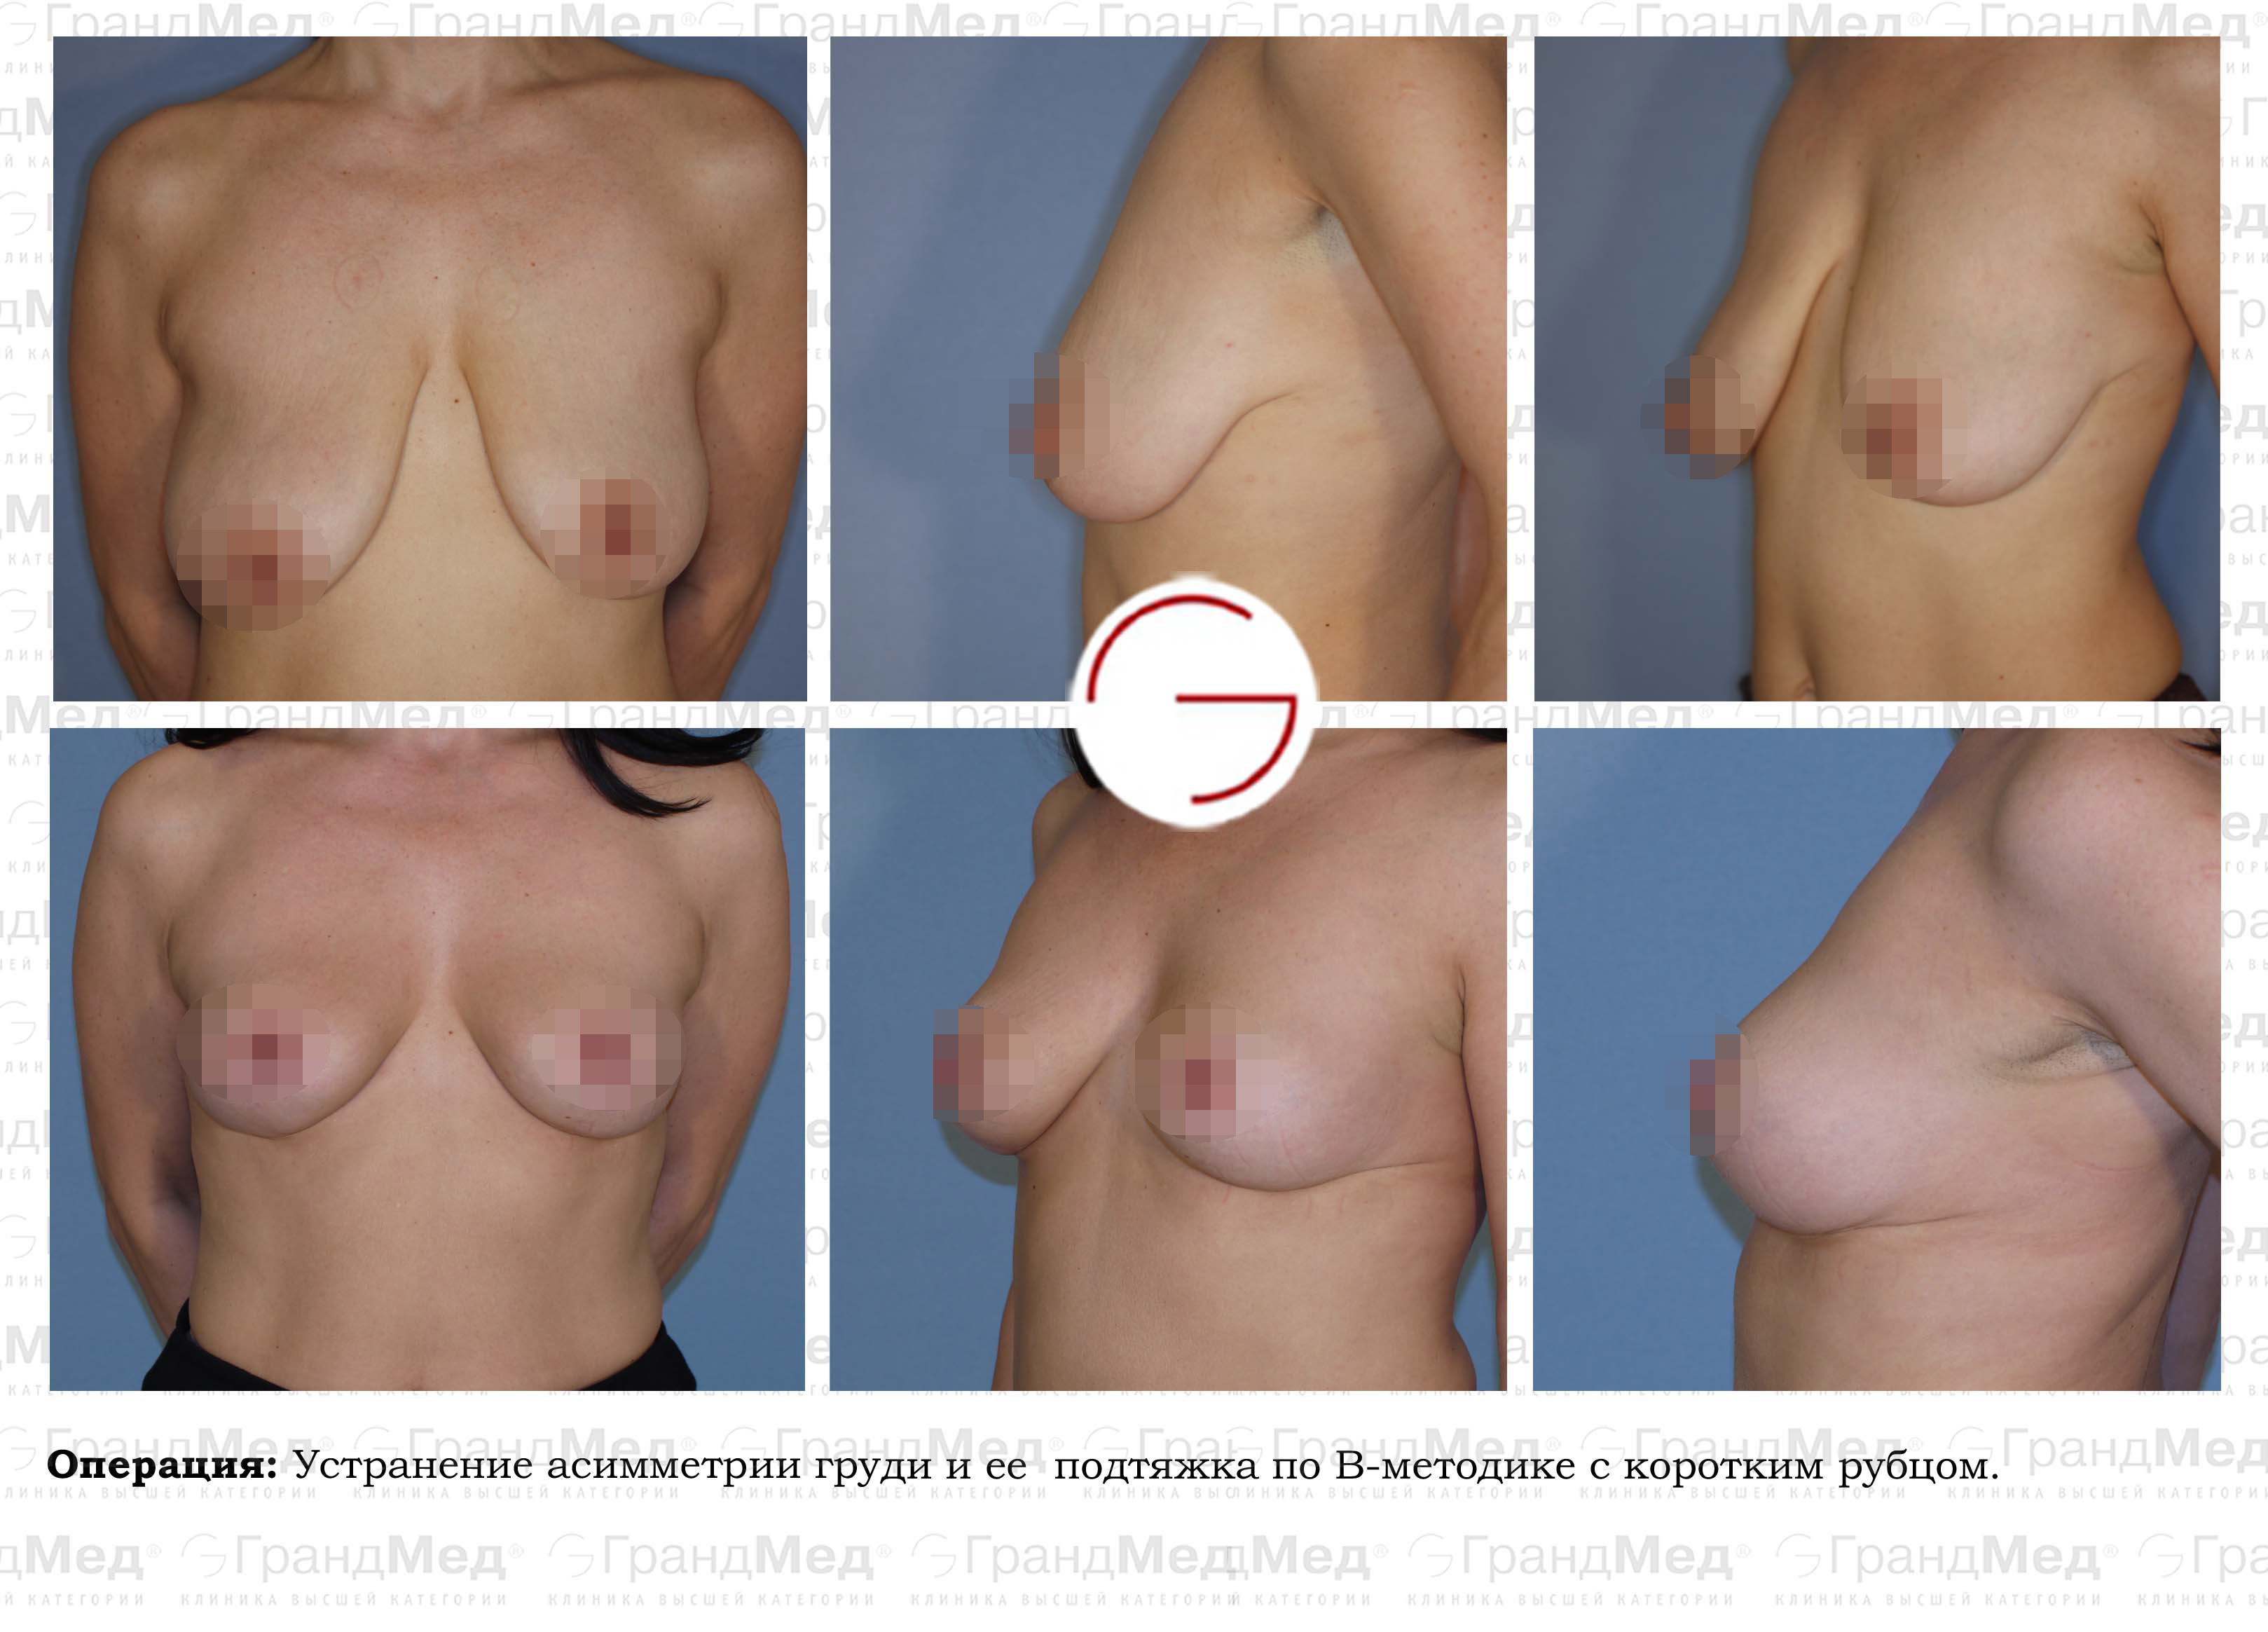 Операции об увеличении груди